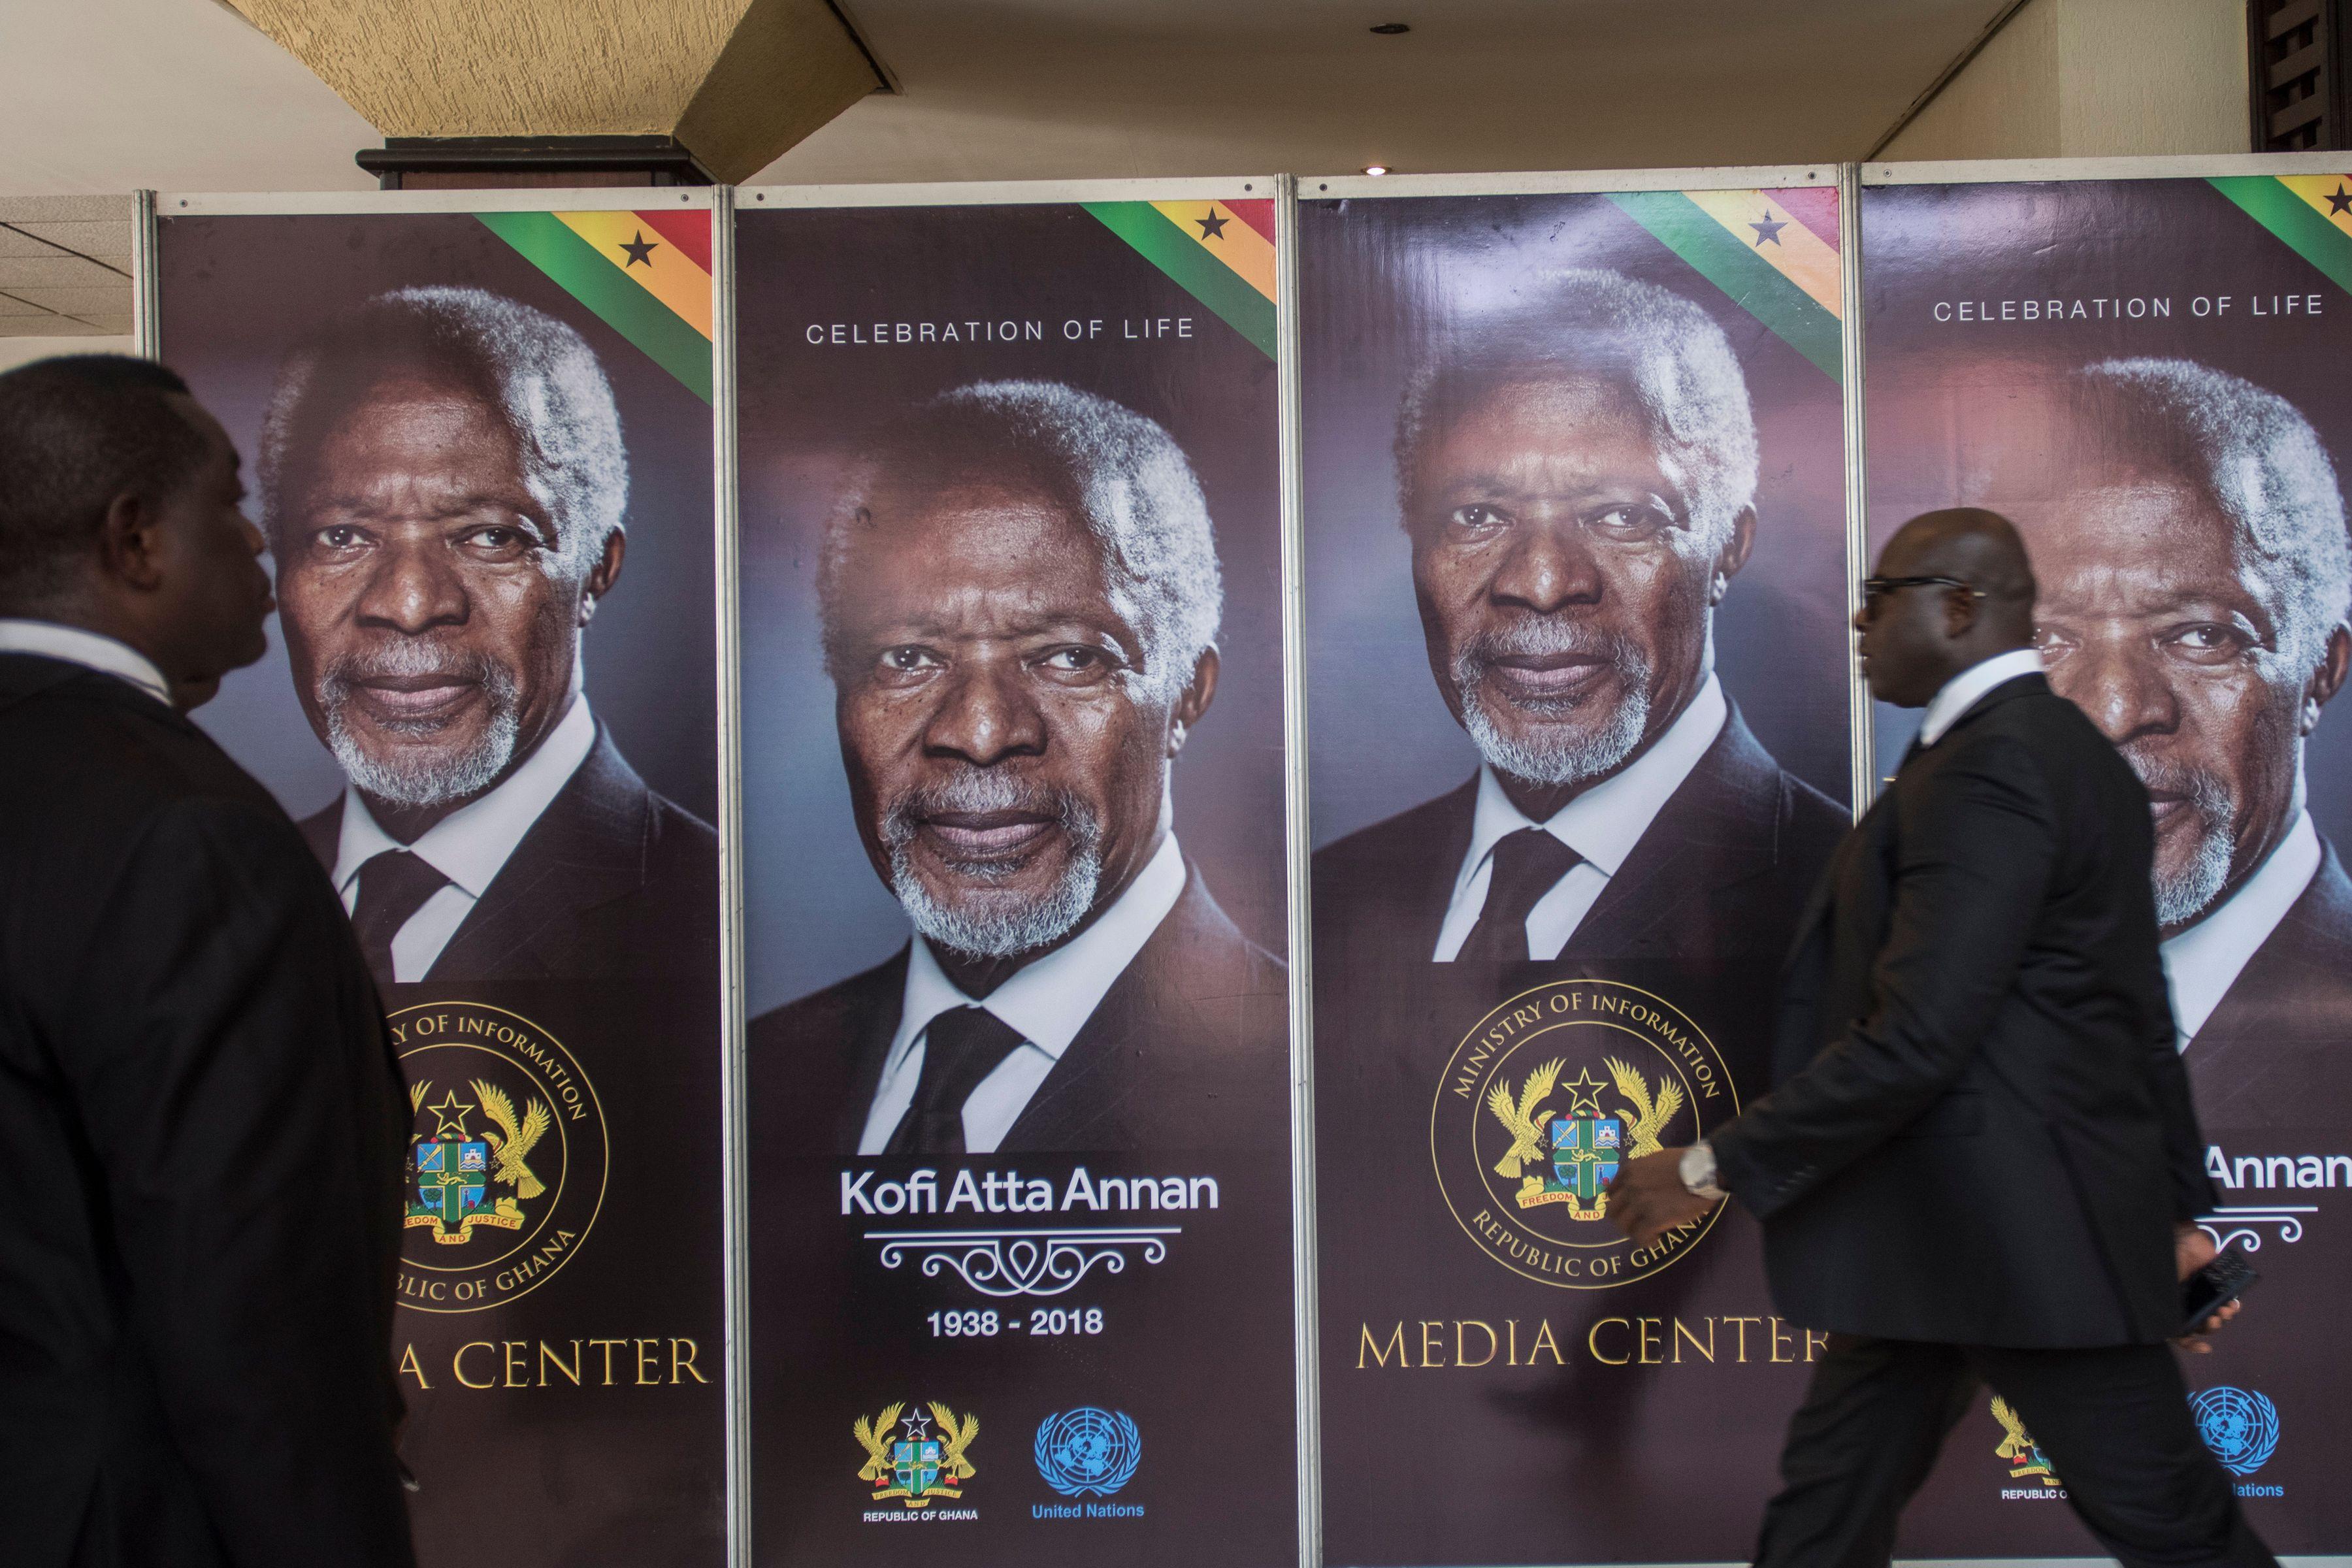 صور الأمين العام الأسبق للأمم المتحدة